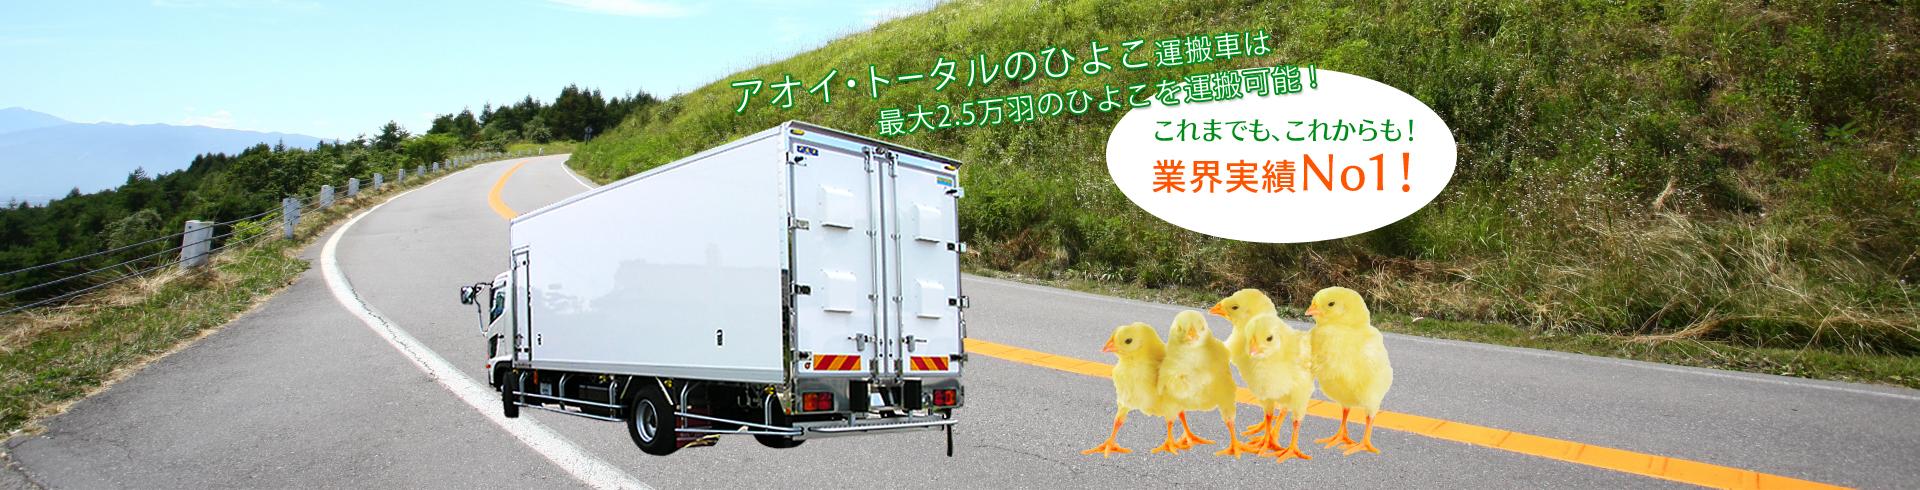 アオイ・トータルのひよこ運搬車は最大2.5万羽のひよこを運搬可能